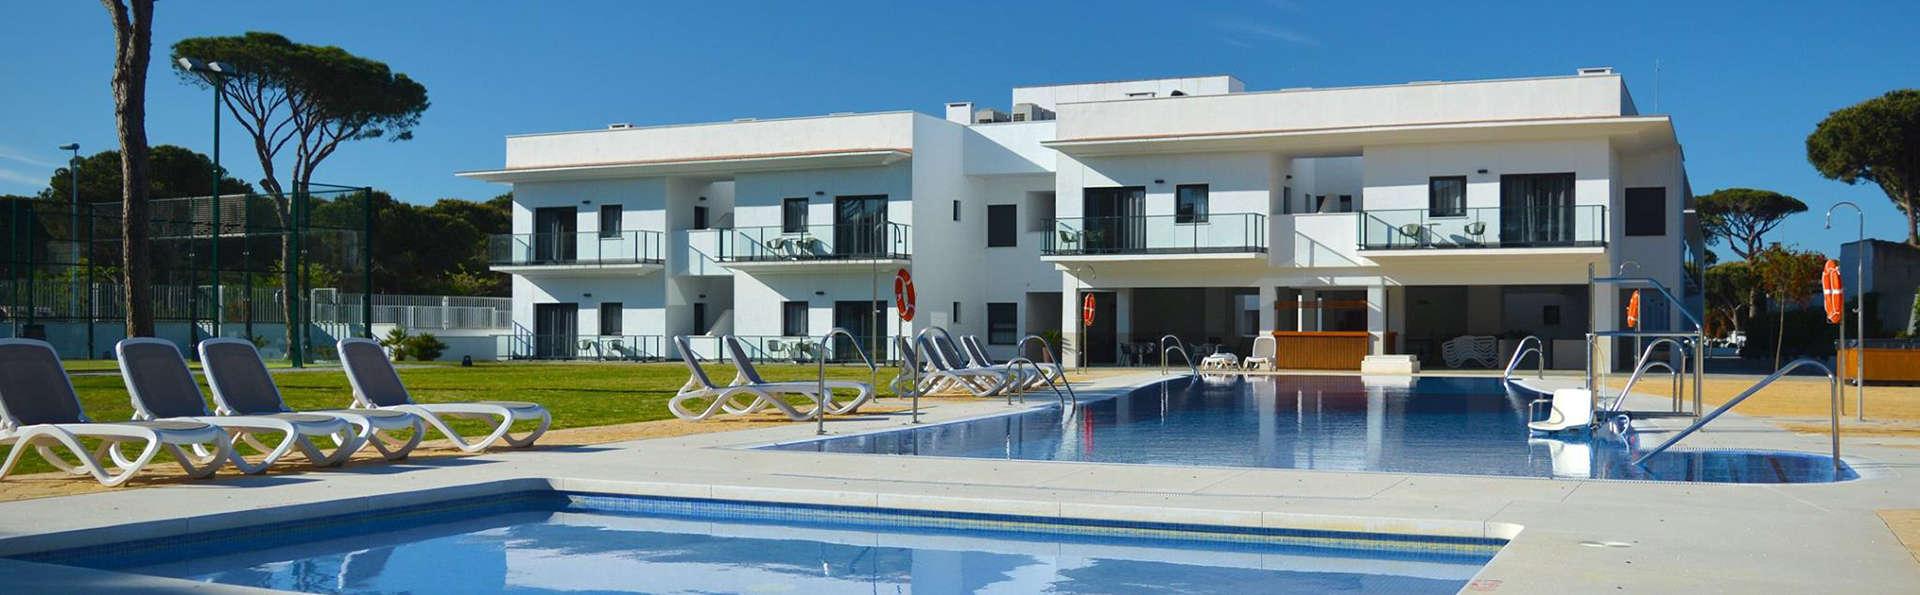 Apartamentos Turísticos Al Sur - EDIT_pool3.jpg